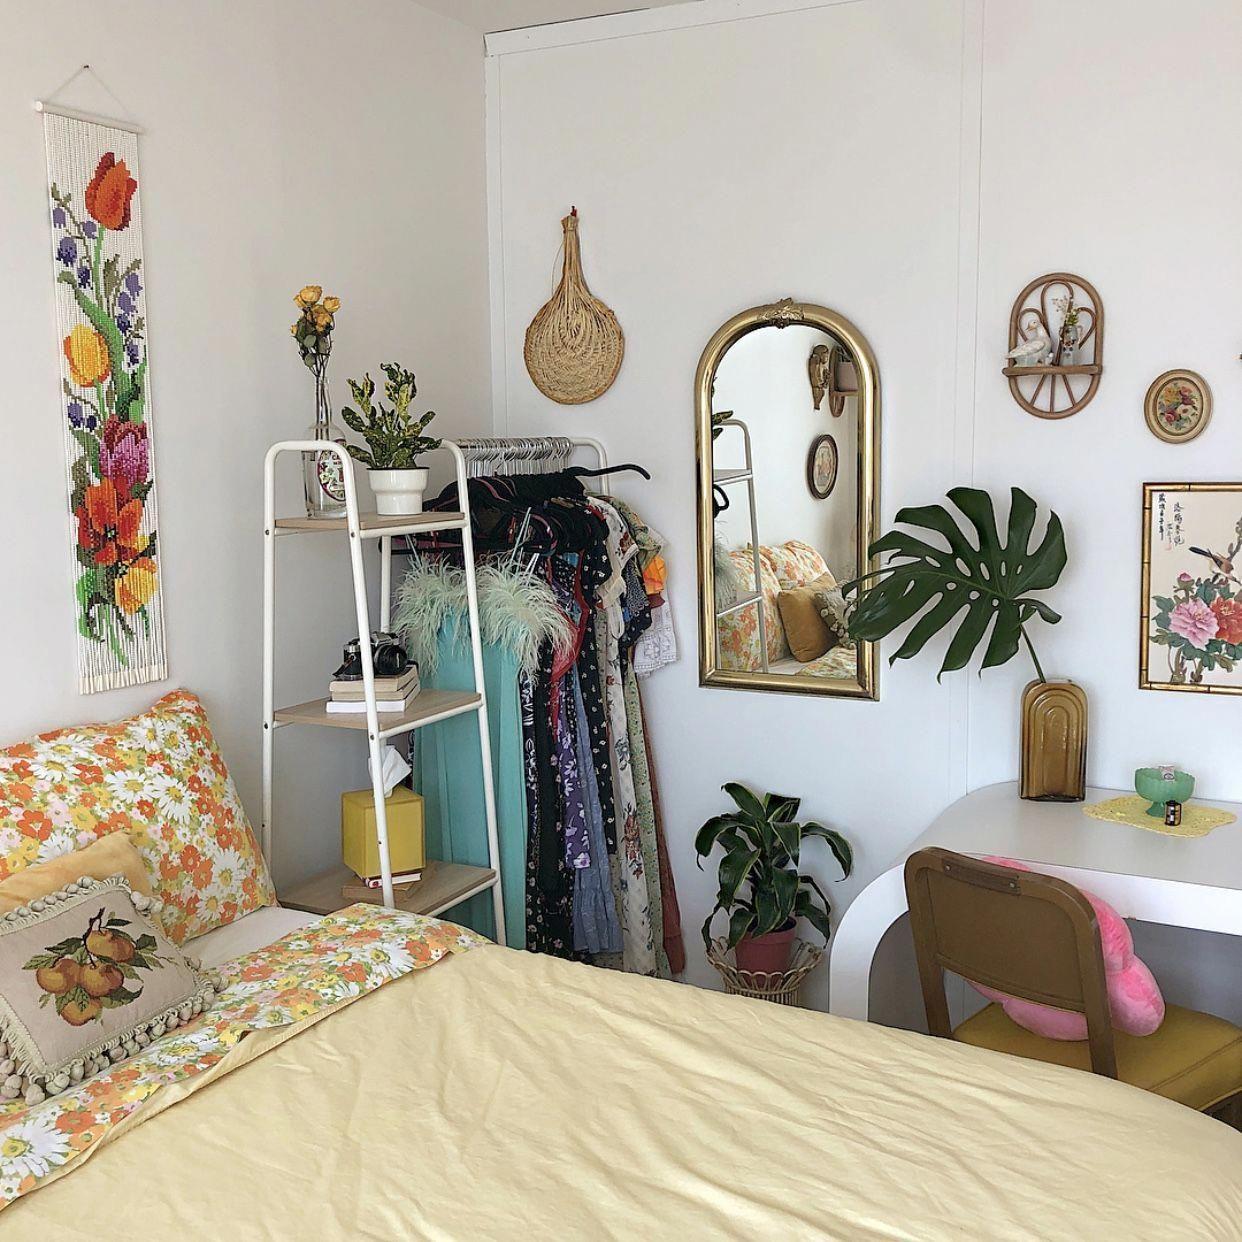 20 Kleine Räume Ideen   wohnung, einrichten und wohnen, kleiner raum